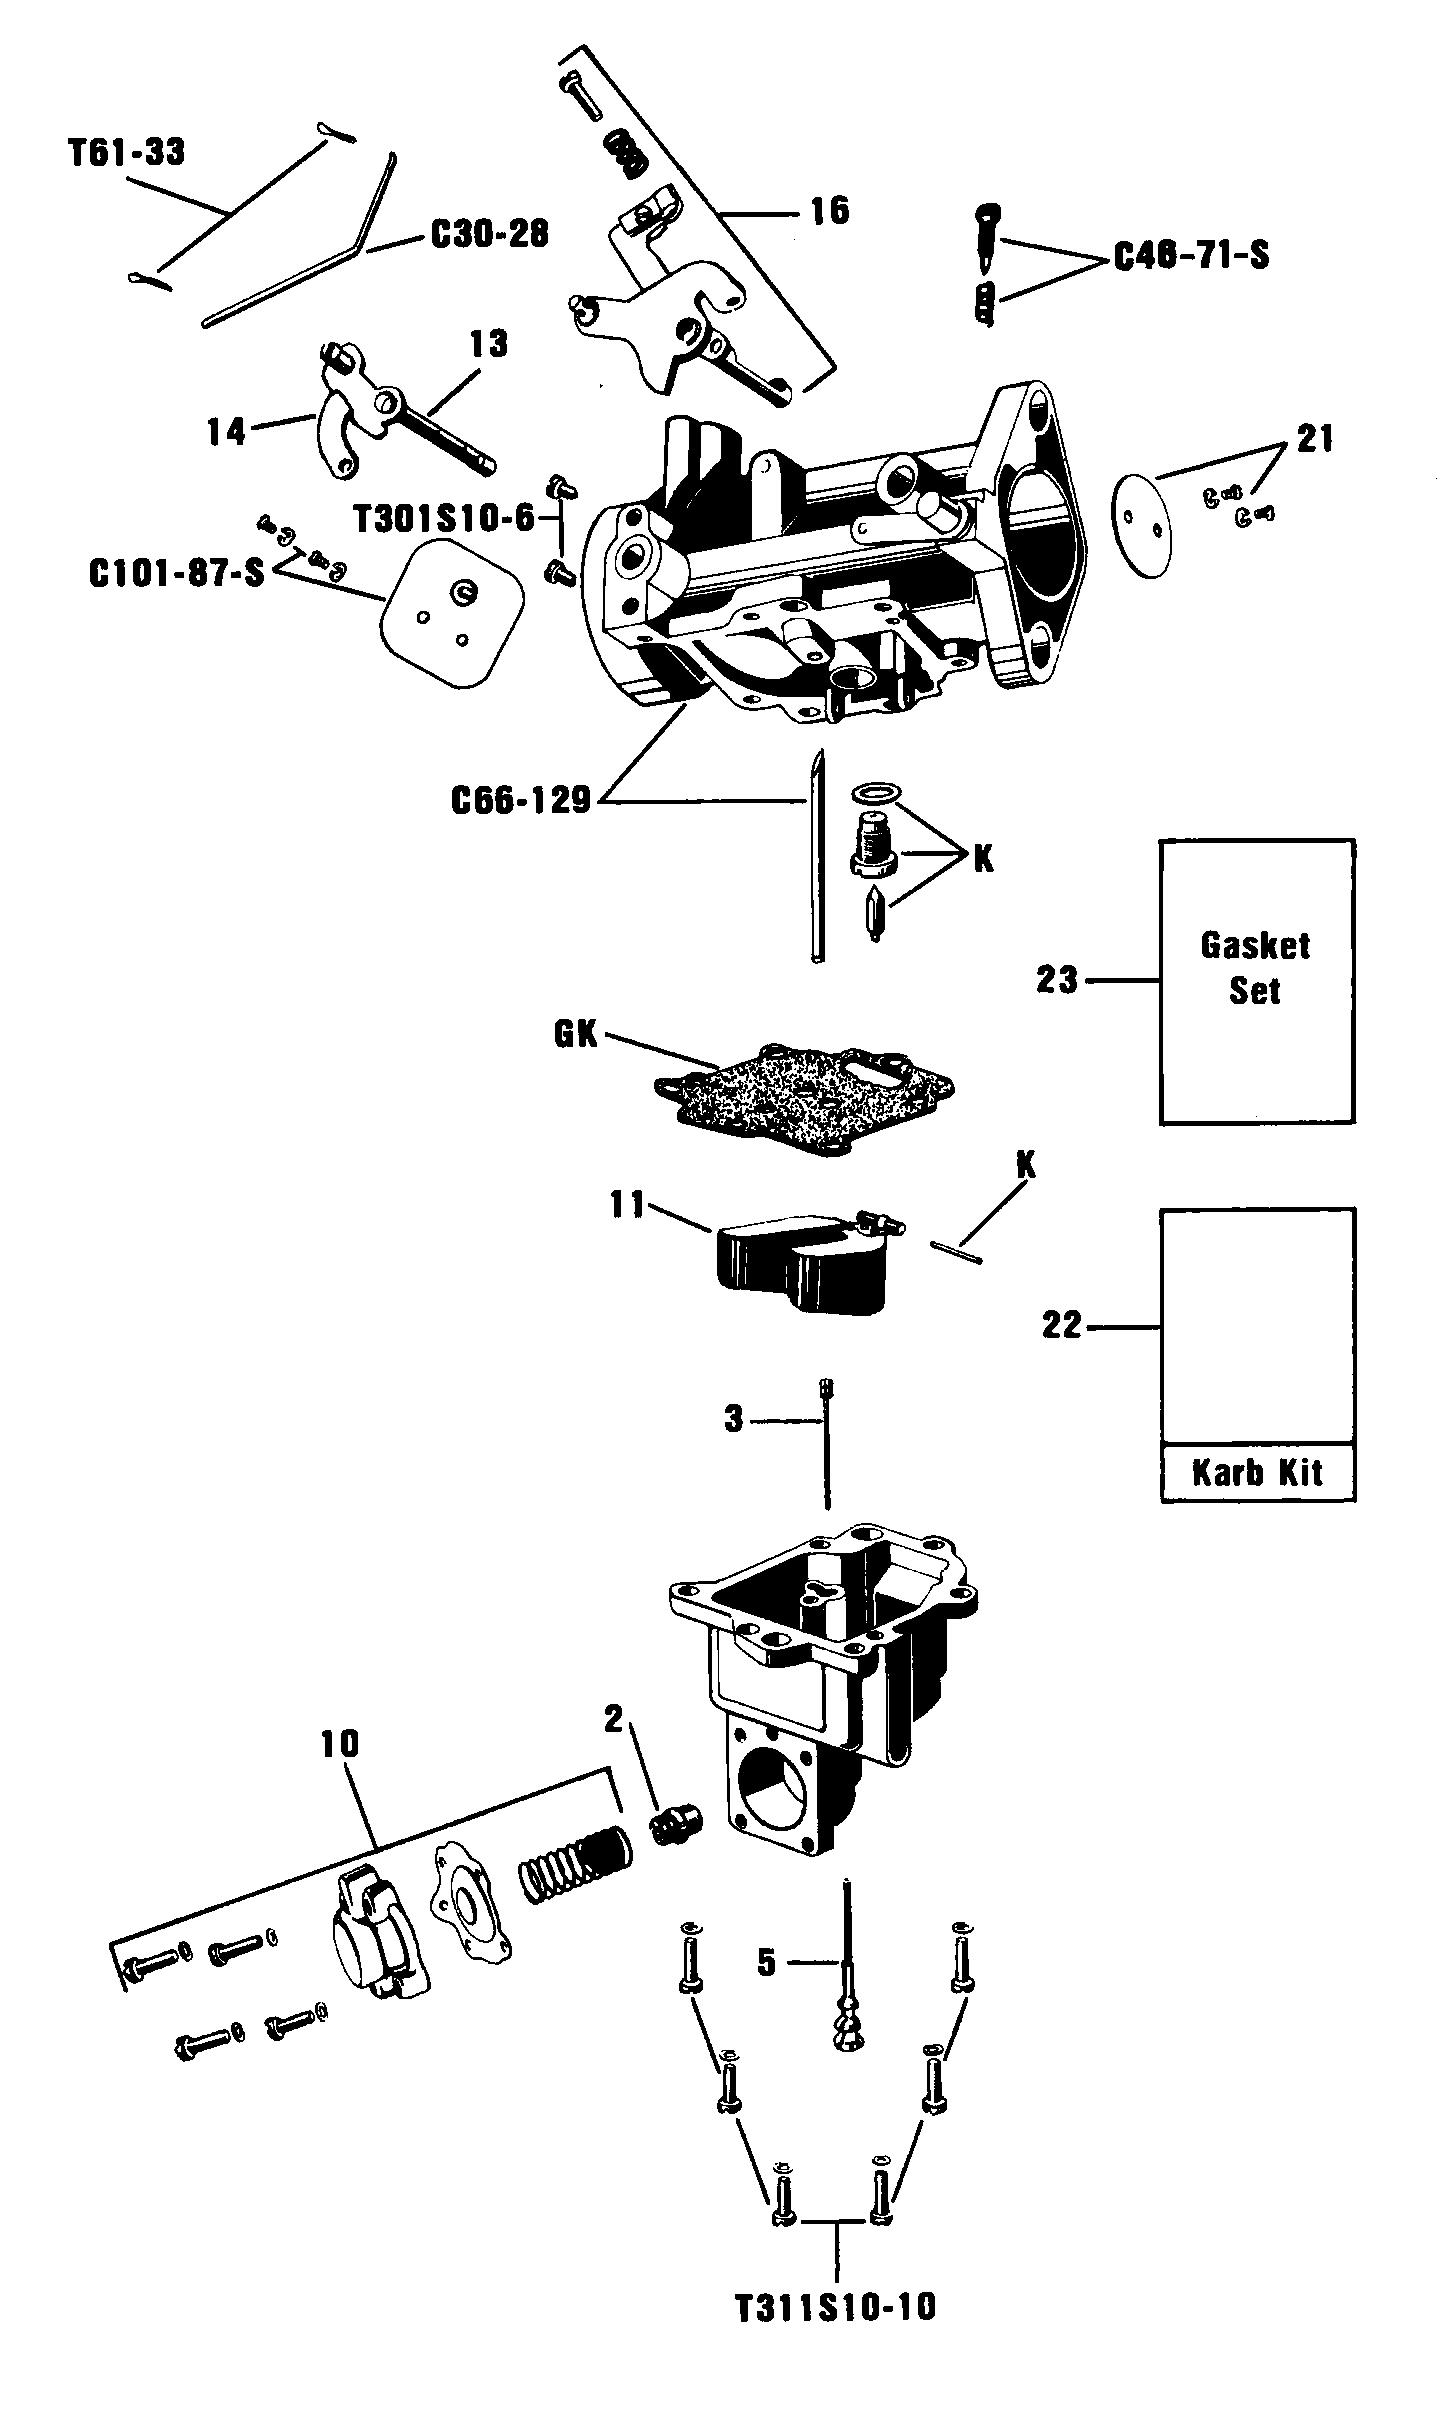 enlarge diagram view diagram